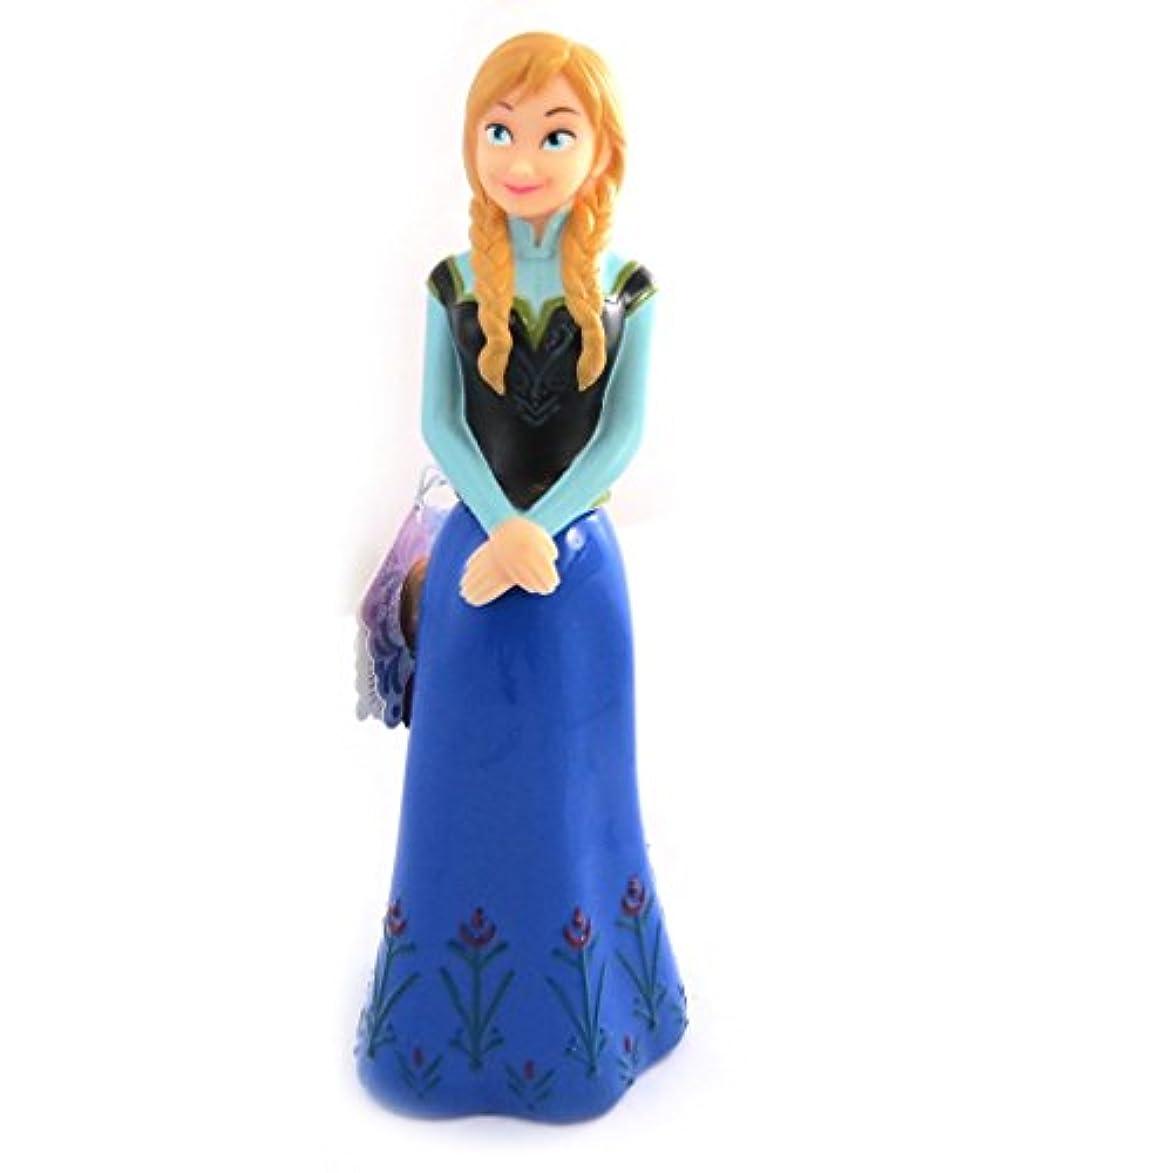 船尾プレミア柔らかい[雪の女王 (Reine des Neiges)] (Frozen - Reine des Neiges コレクション) [M2698] ボディソープ ブルー